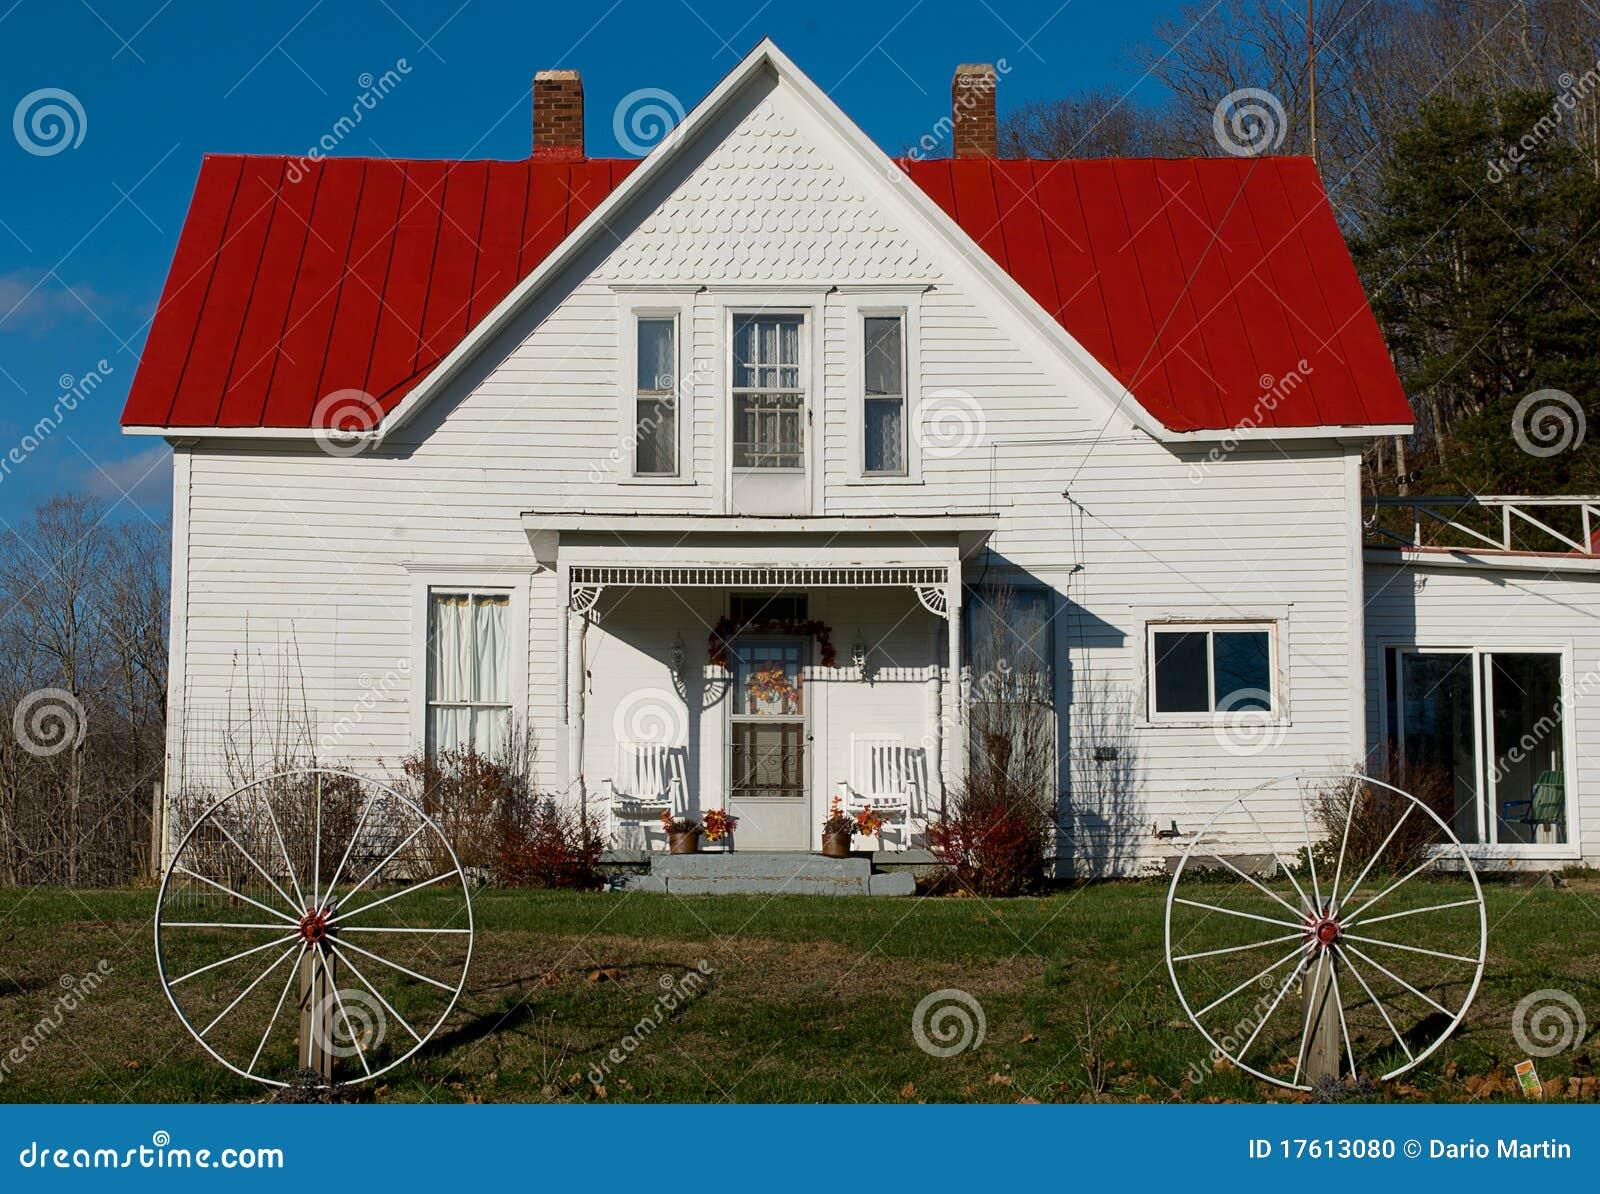 Maison blanche rurale avec un toit rouge photo stock for Agrandissement maison zone rurale